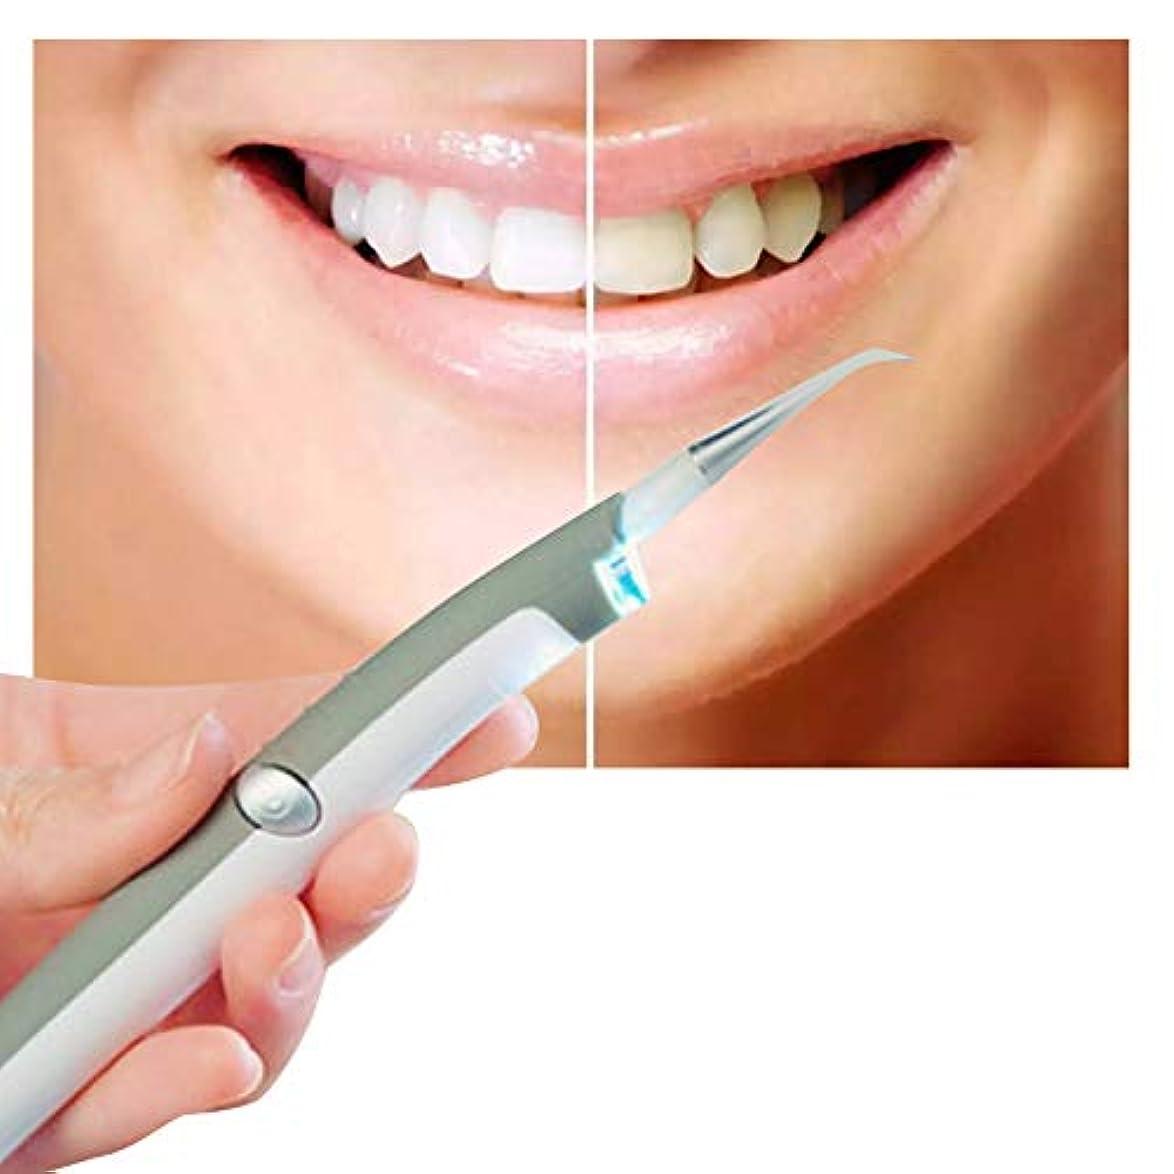 ごみ遡る座標ixaer LED歯科用ツールキット ソニック 音波振動 歯科用ポリッシャー 歯間クリーナー ステインバスター 歯垢や歯石などを予防 歯の汚れ消しゴム オーラルケア クリーニングツール